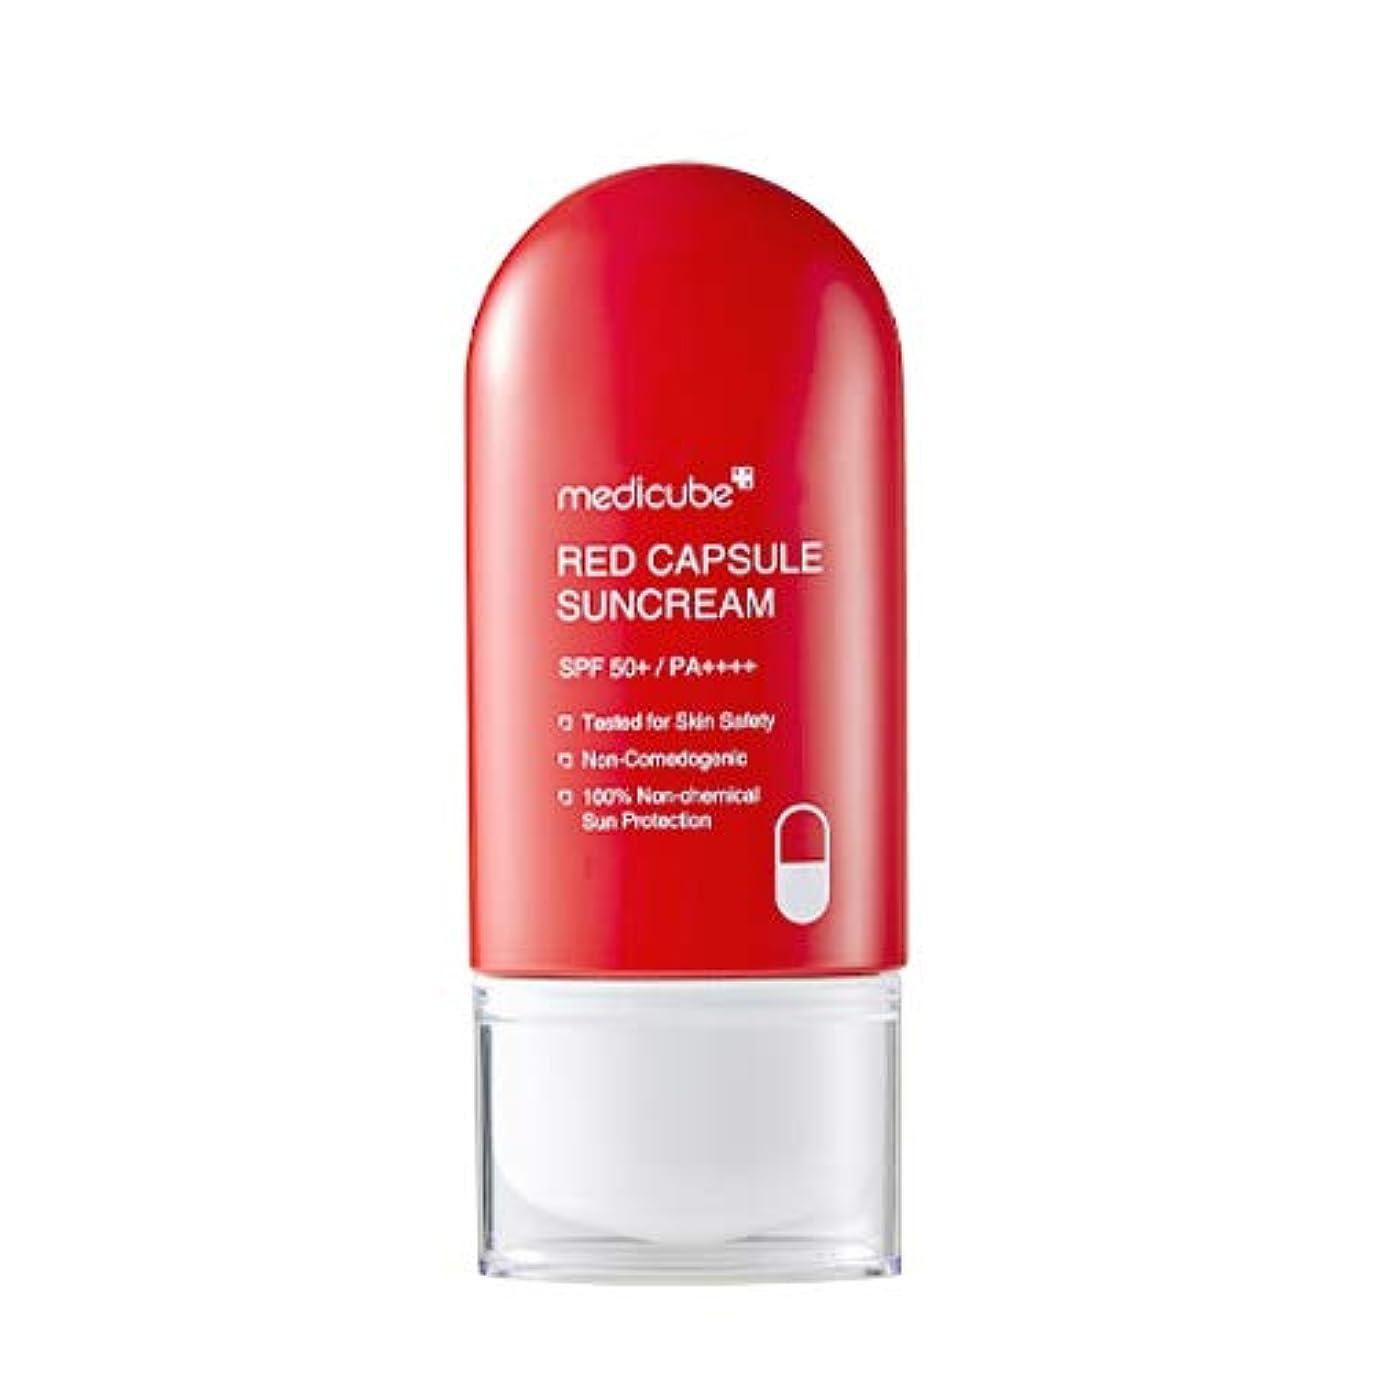 必需品しつけウォルターカニンガム[medicube] Red Capsule Suncream SPF50+/ PA++++ / [メディキューブ] レッドカプセルサンクリーム SPF50+/ PA++++ [並行輸入品]